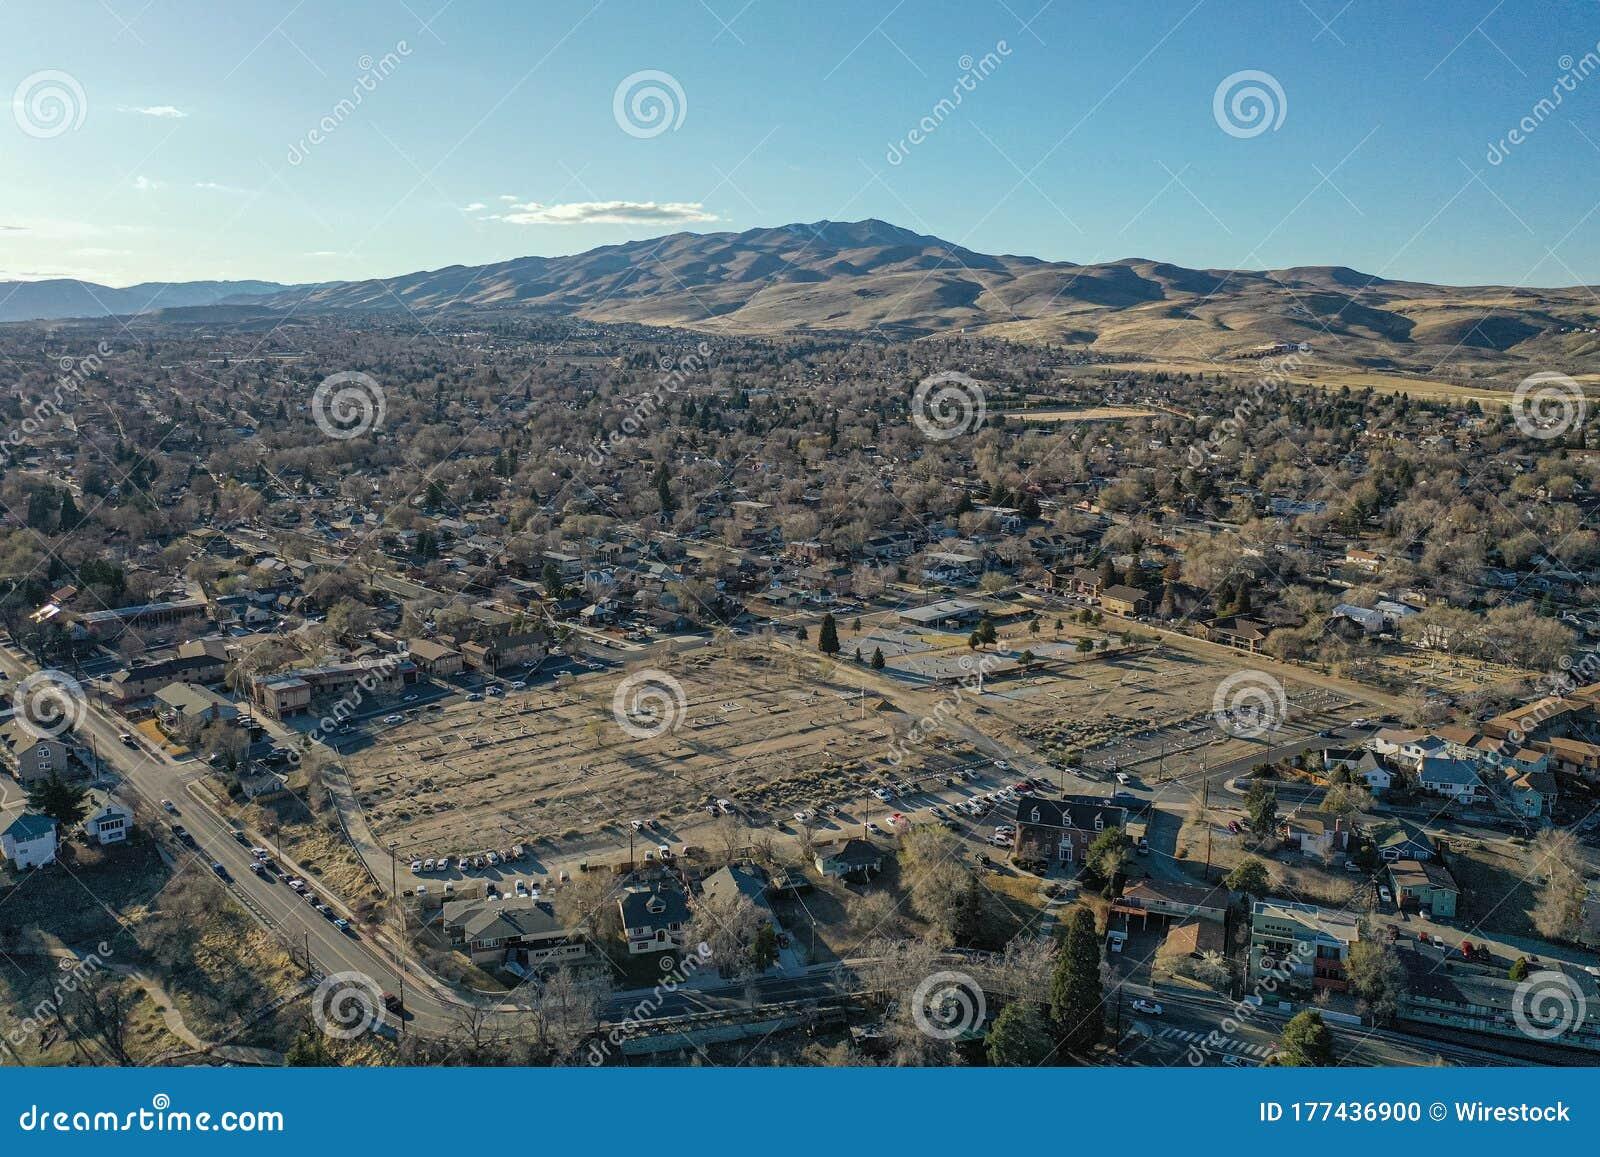 Reno, Nevada S Historic Hillside Cemetery With Peavine ...